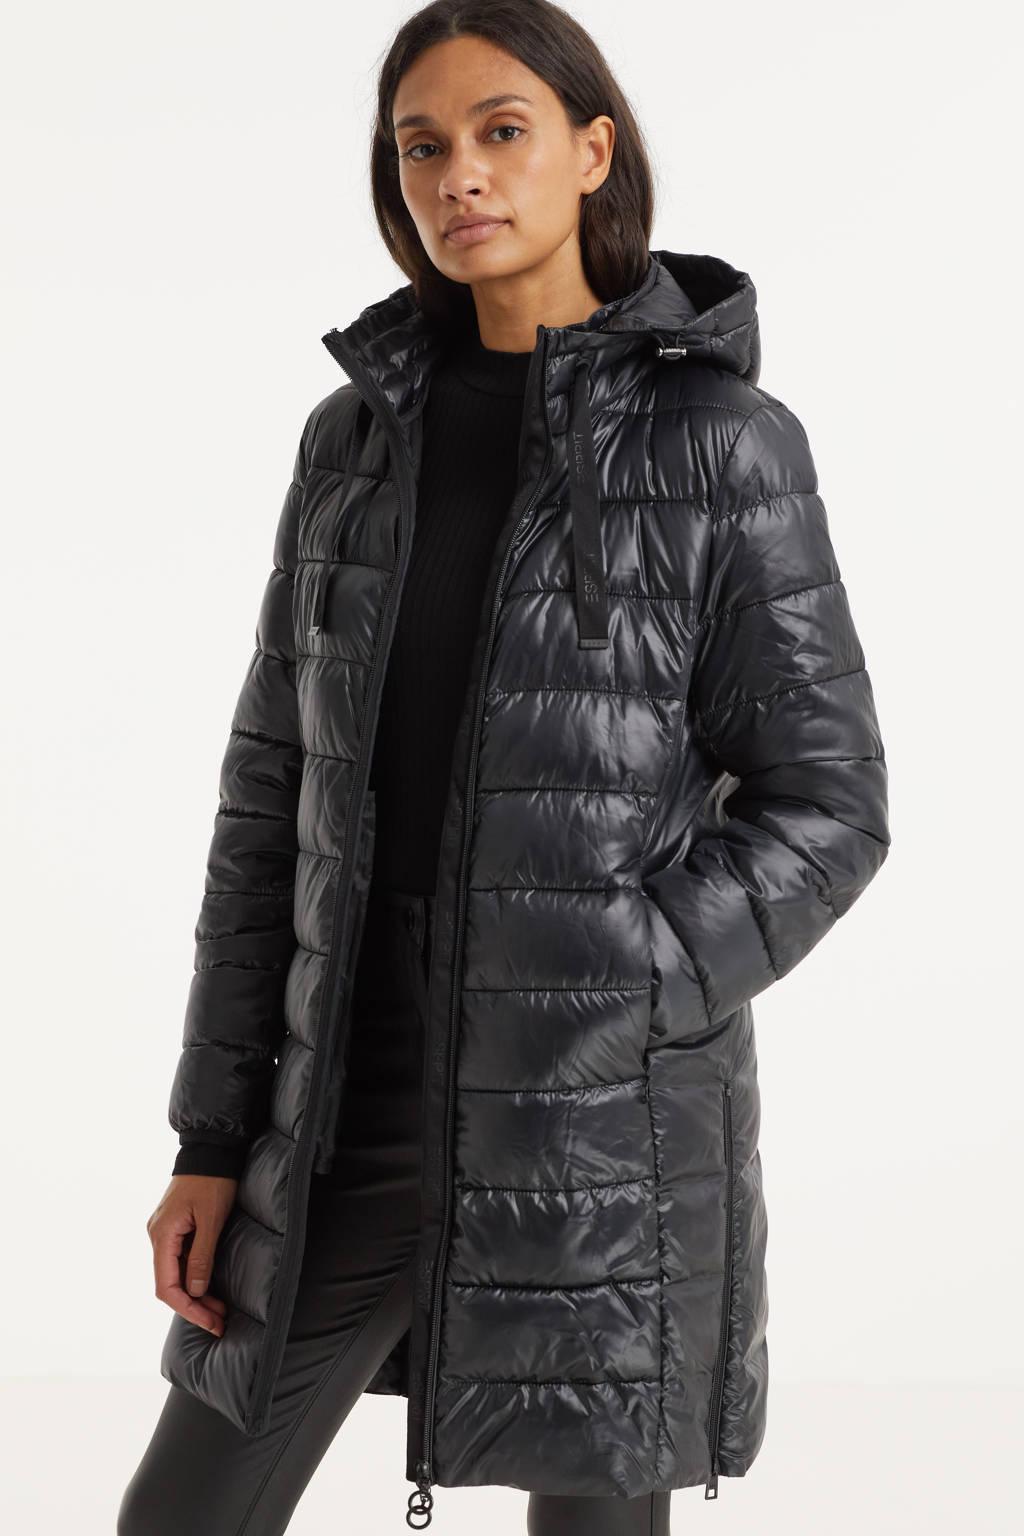 ESPRIT Women Casual gewatteerde jas van gerecycled polyester zwart, Zwart